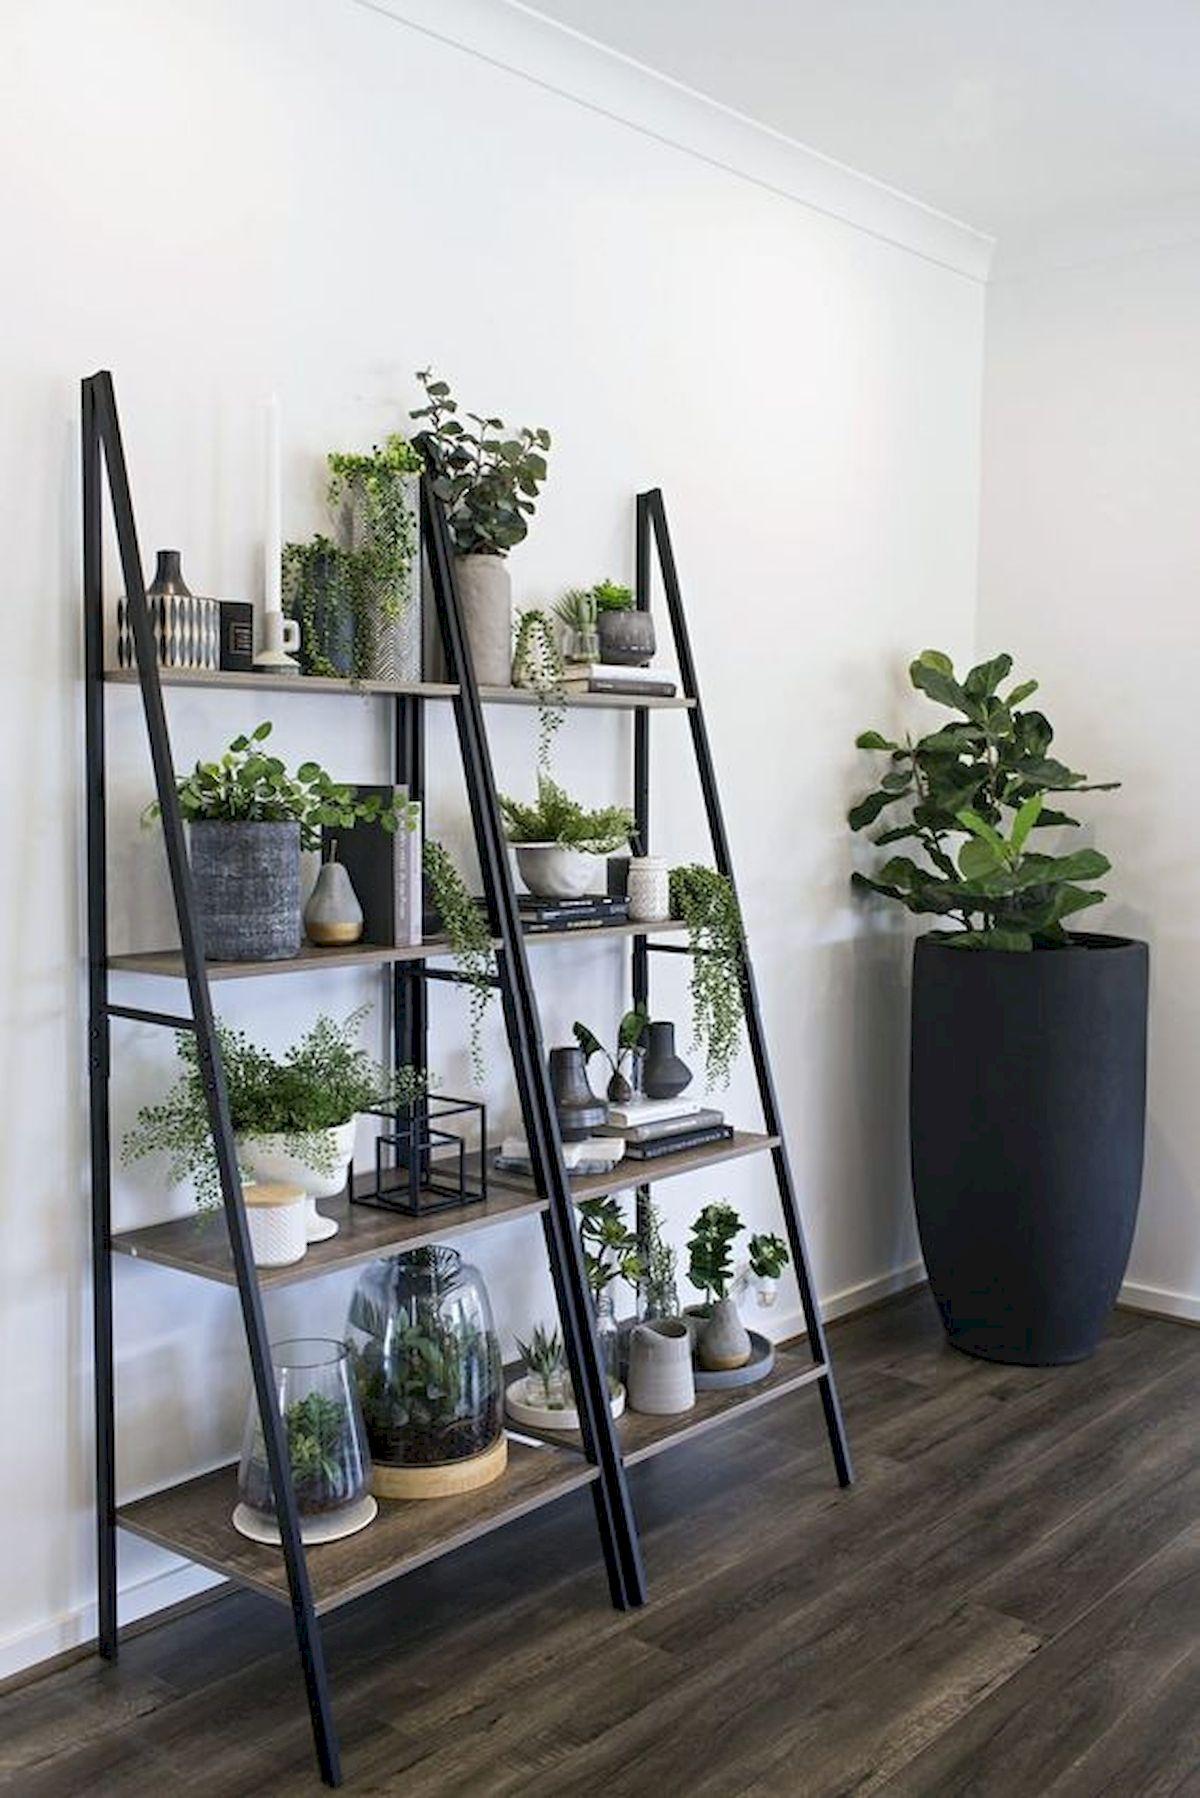 44 Creative DIY Vertical Garden Ideas To Make Your Home Beautiful (24)